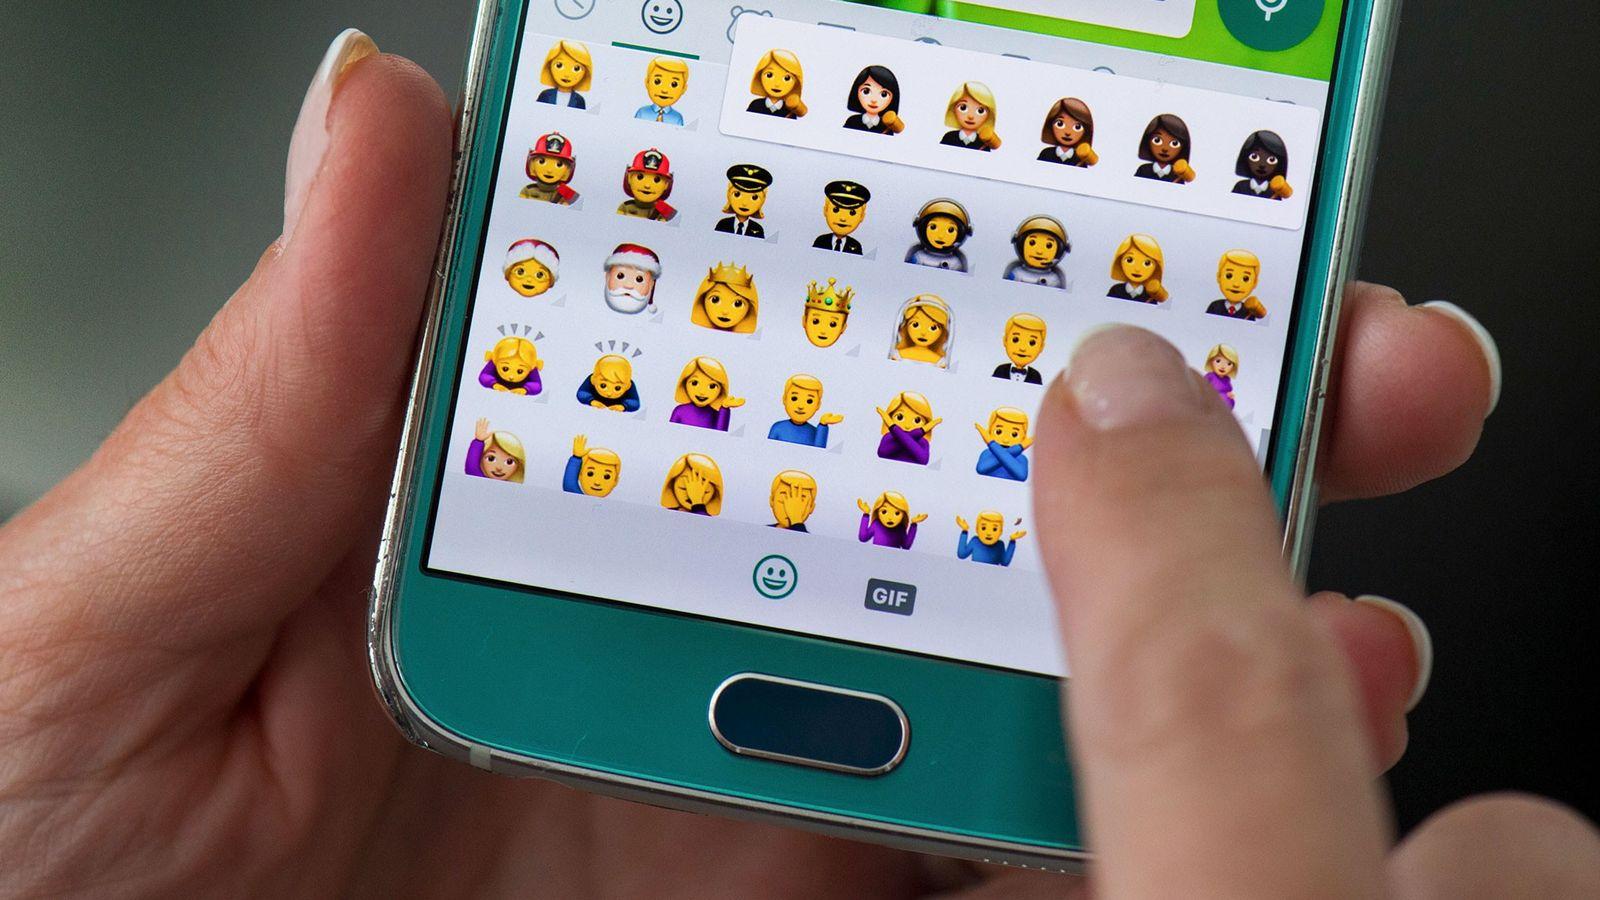 Utilizador a escrever mensagens de emojis num smarphone